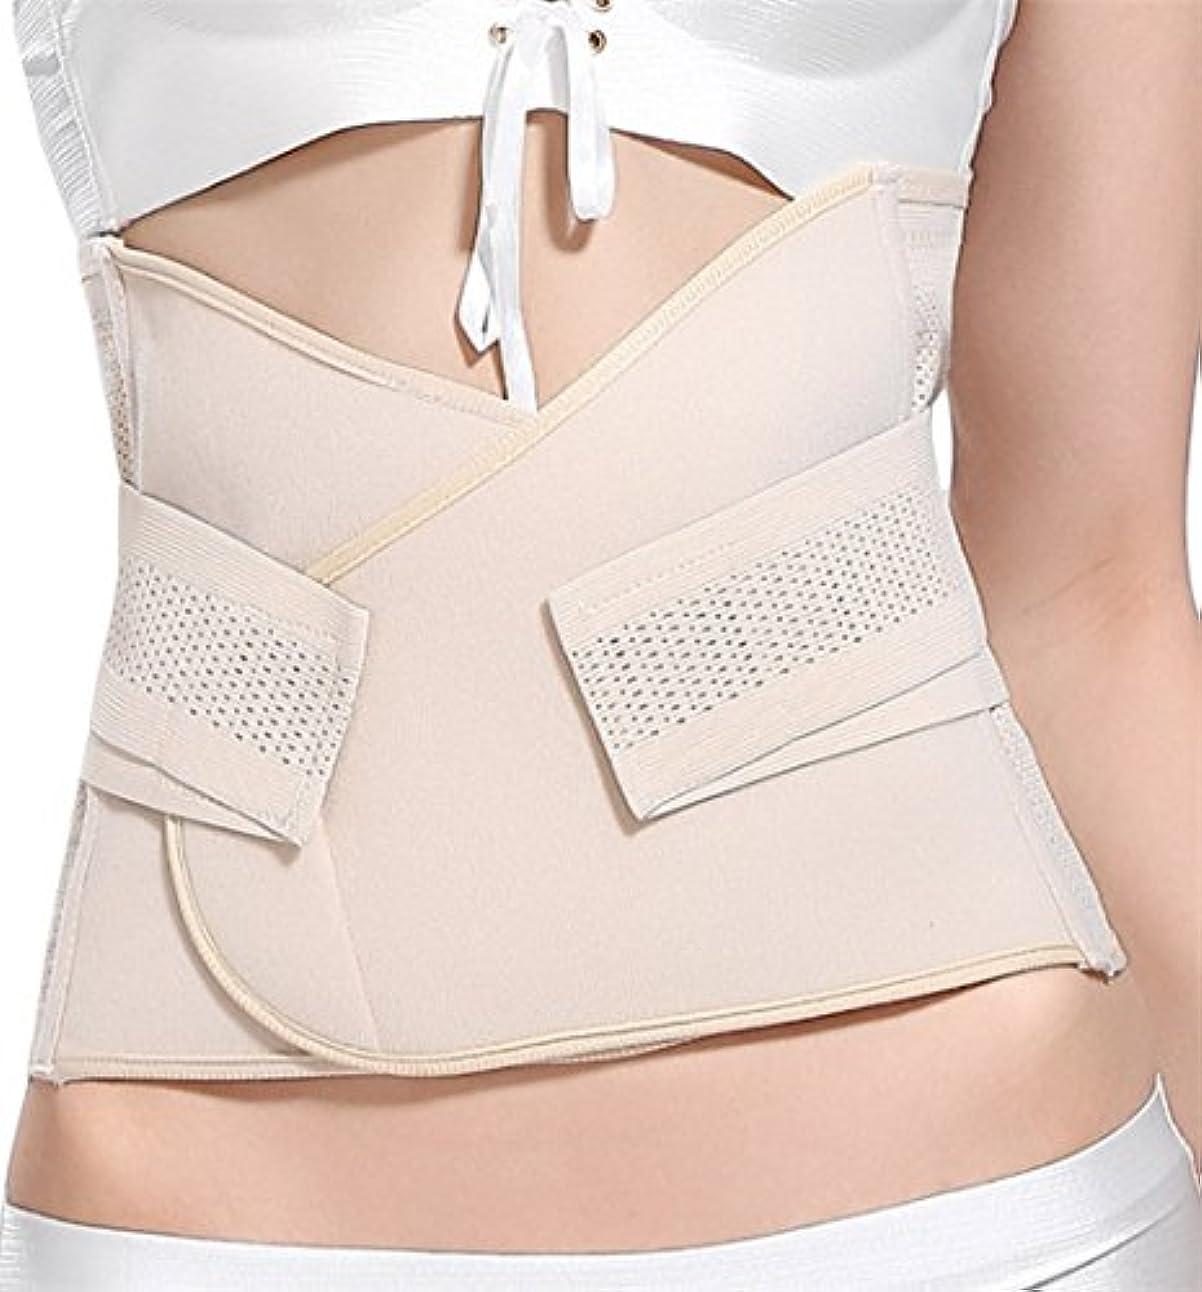 (ラボーグ)La Vogue 強化型 ウエストニッパー 腰痛コルセット ダイエットベルト 女性用 産後 骨盤矯正 サポートベルト 引き締め 補正下着 シェイプアップ レディース